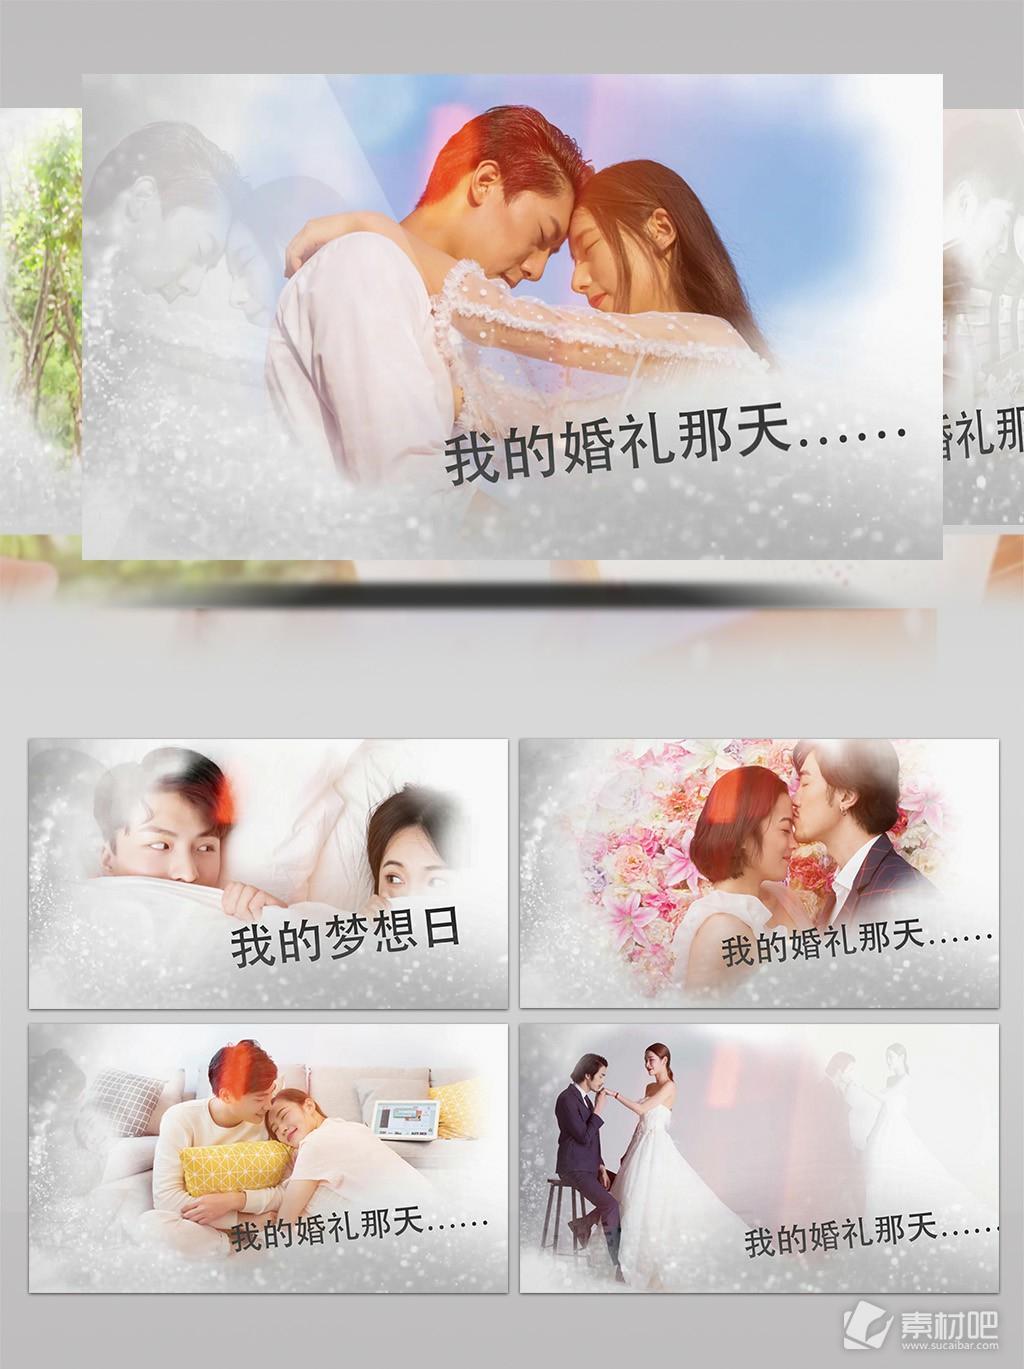 优雅甜蜜浪漫婚爱情结婚日纪念AE模板